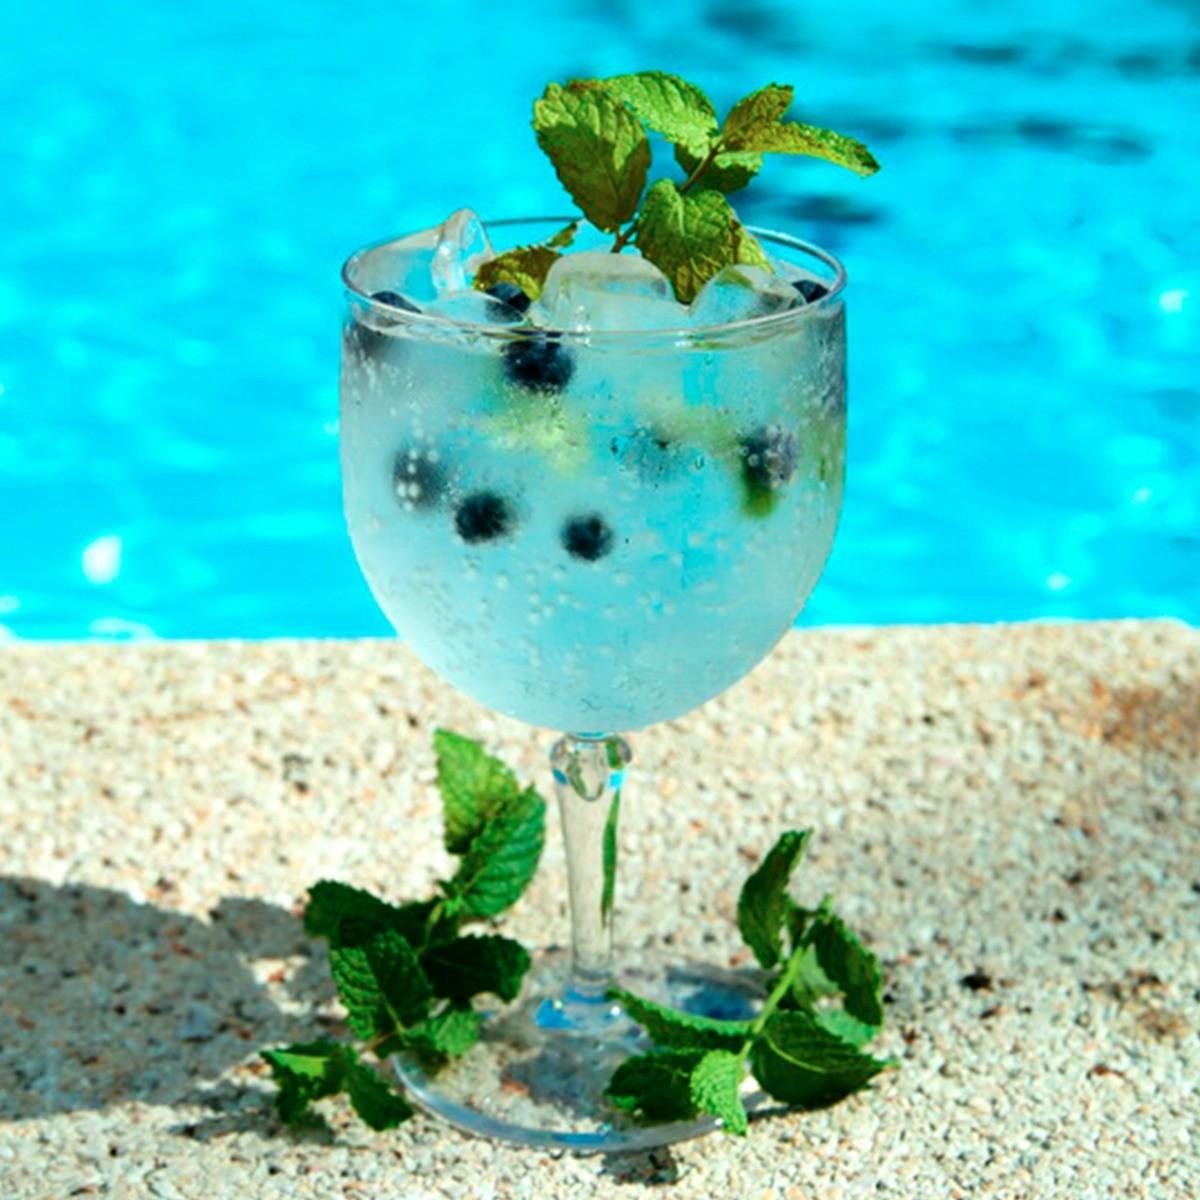 Verre piscine transparent incassable et personnalisable 67cl rbdrinks - Verre pile piscine ...